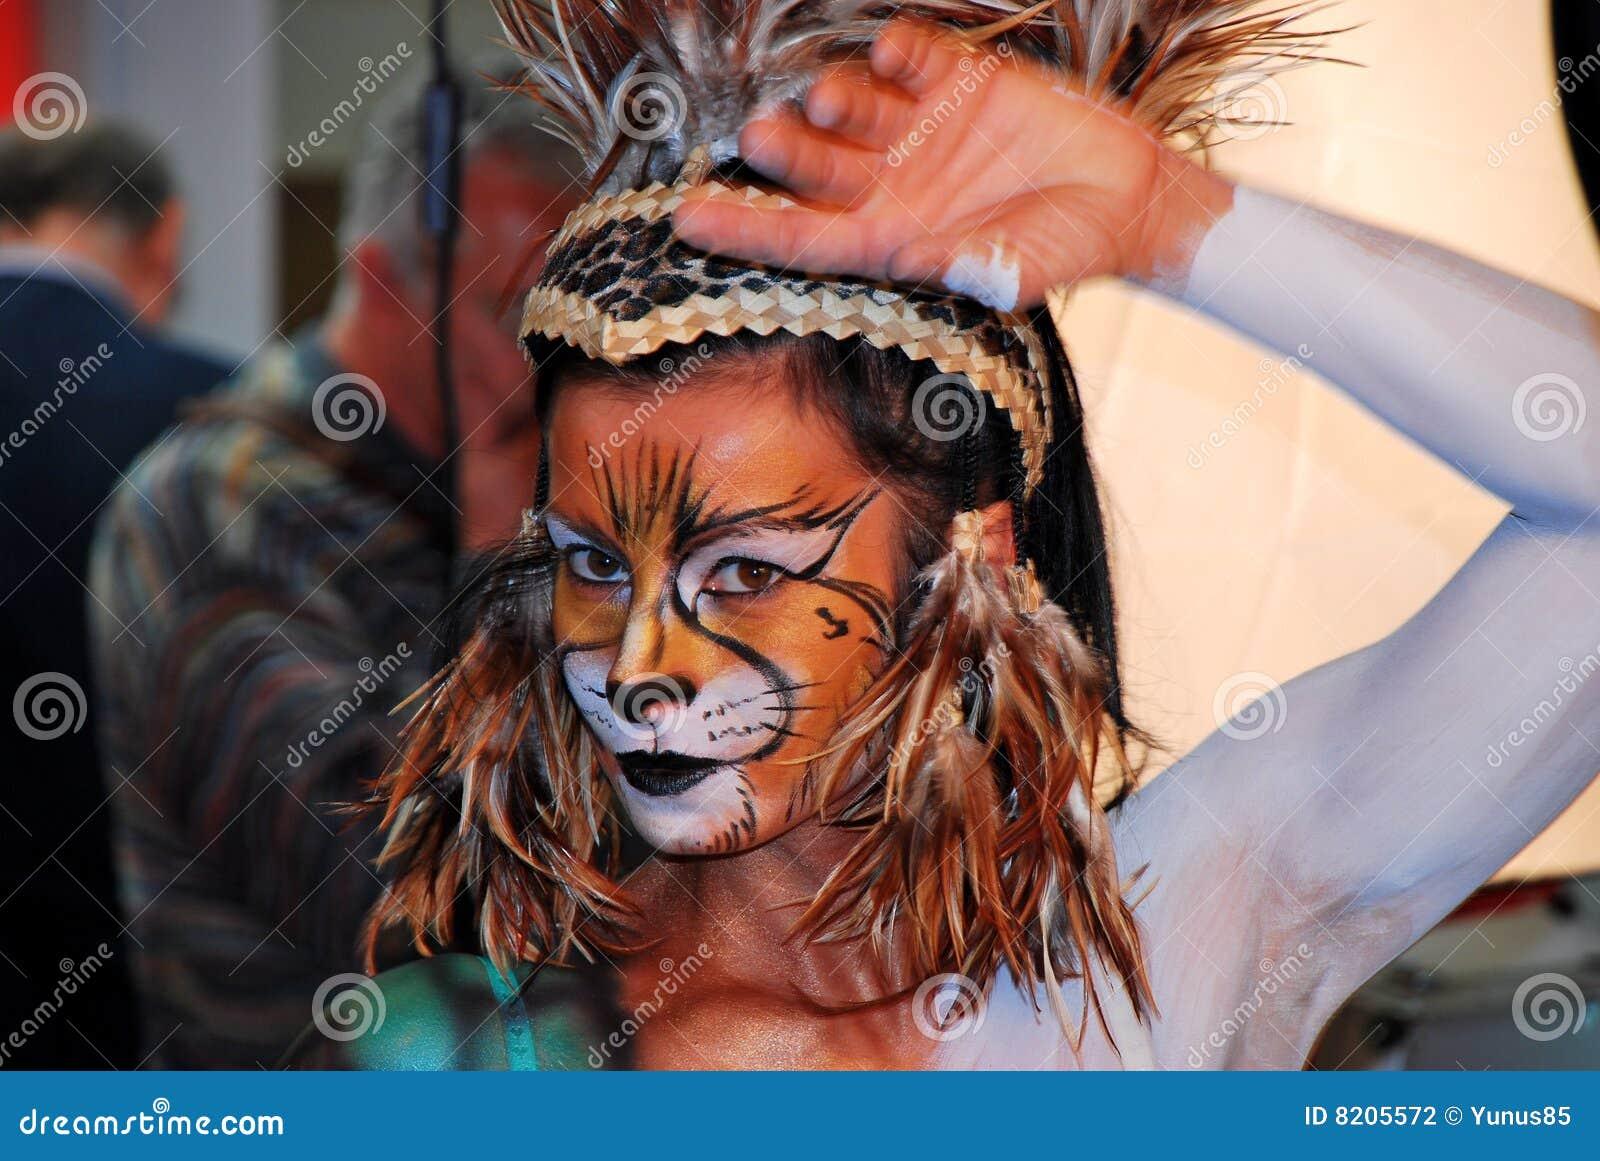 Donna con trucco del leone fotografia editoriale. Immagine ...